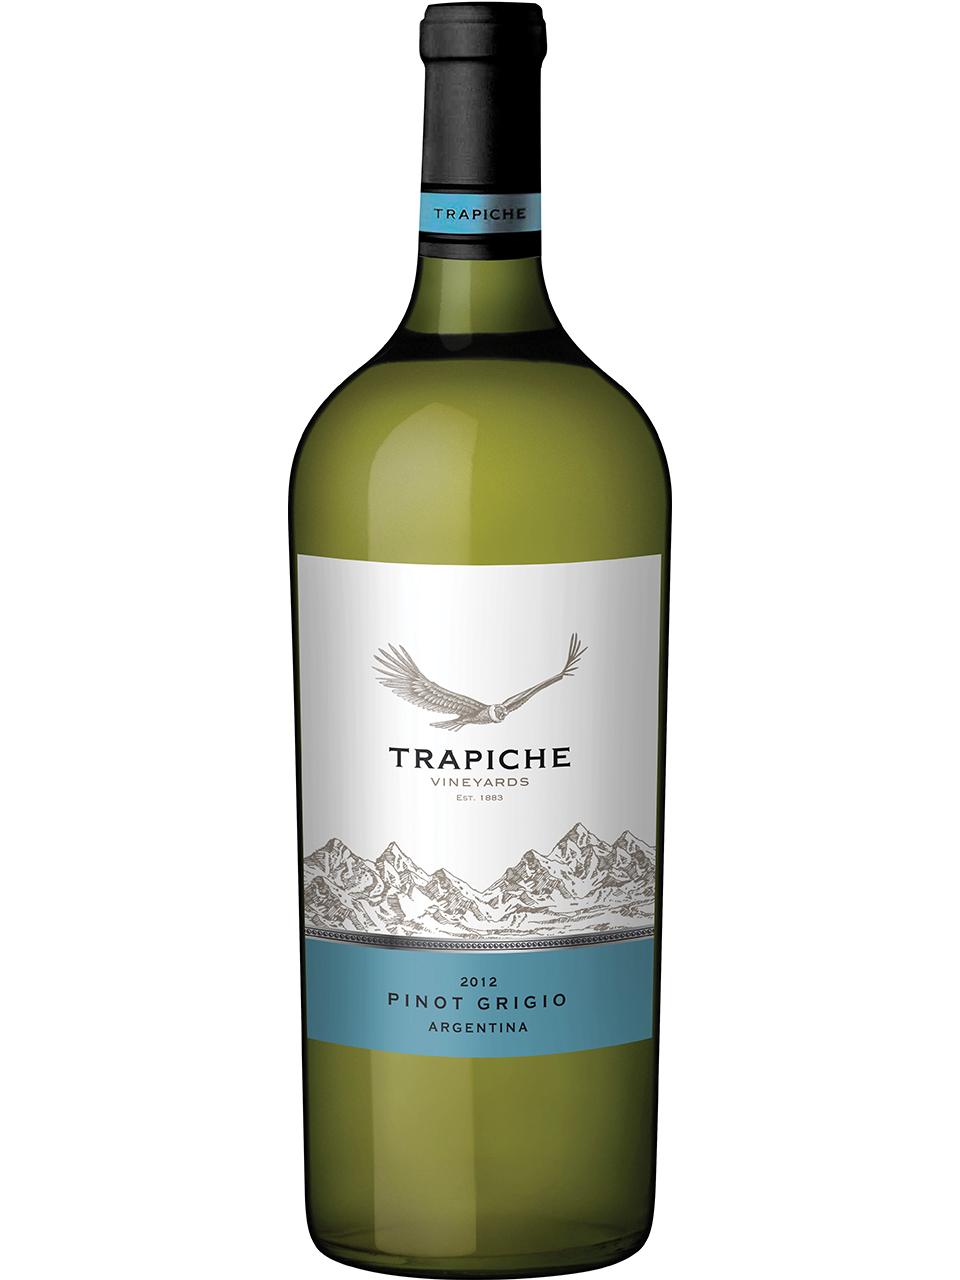 Trapiche Varietal Pinot Grigio